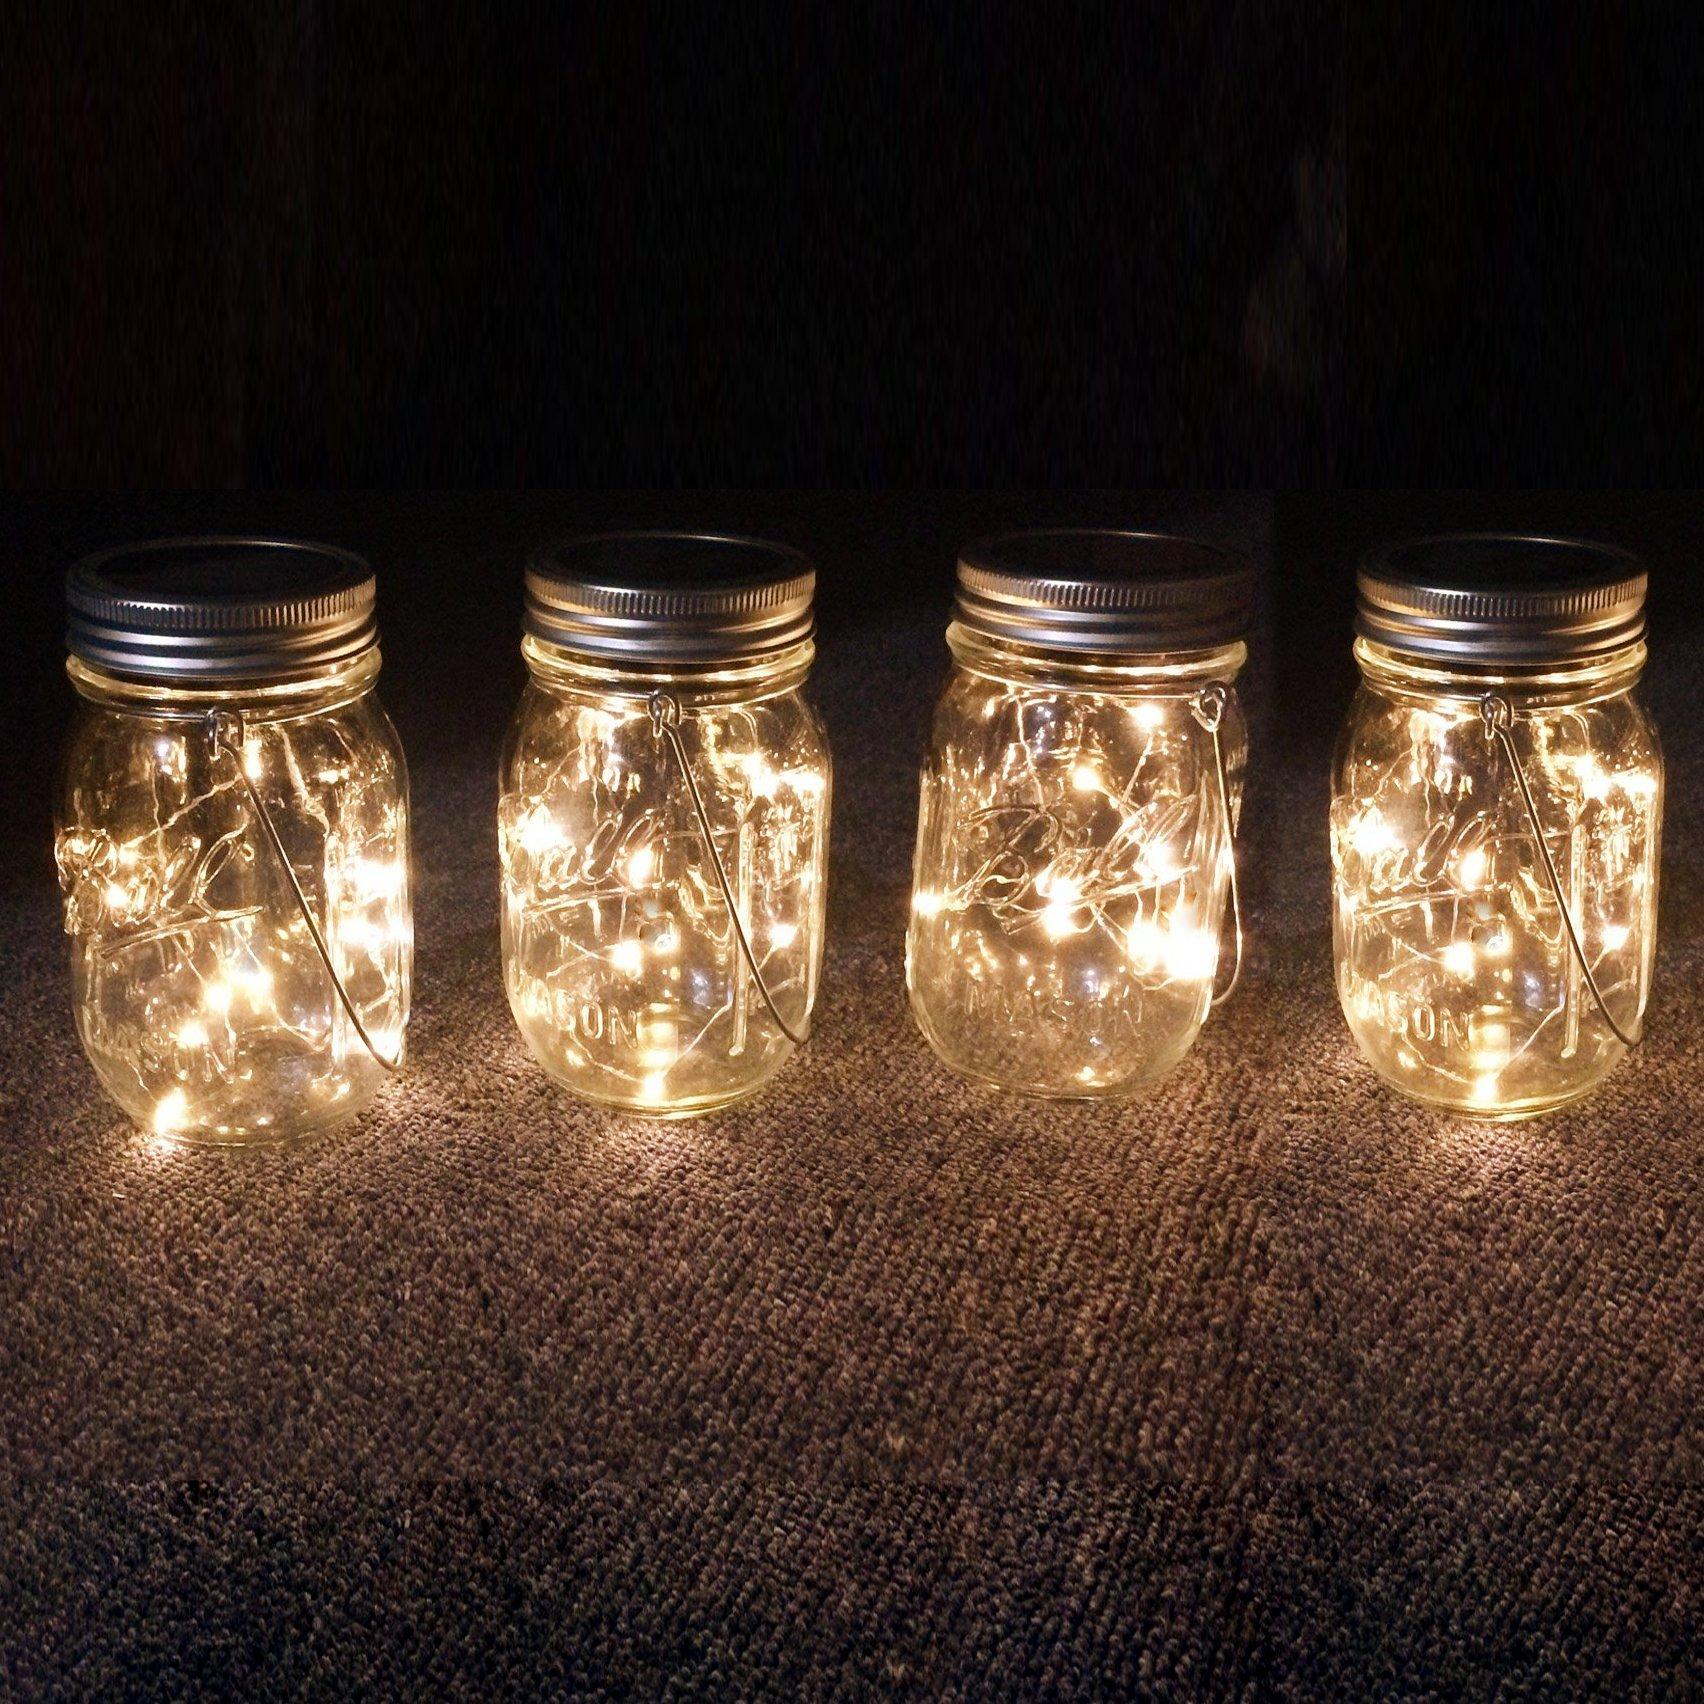 Mason Jar Solar Lantern Lights, 8 Pack 10 Leds Fairy Star